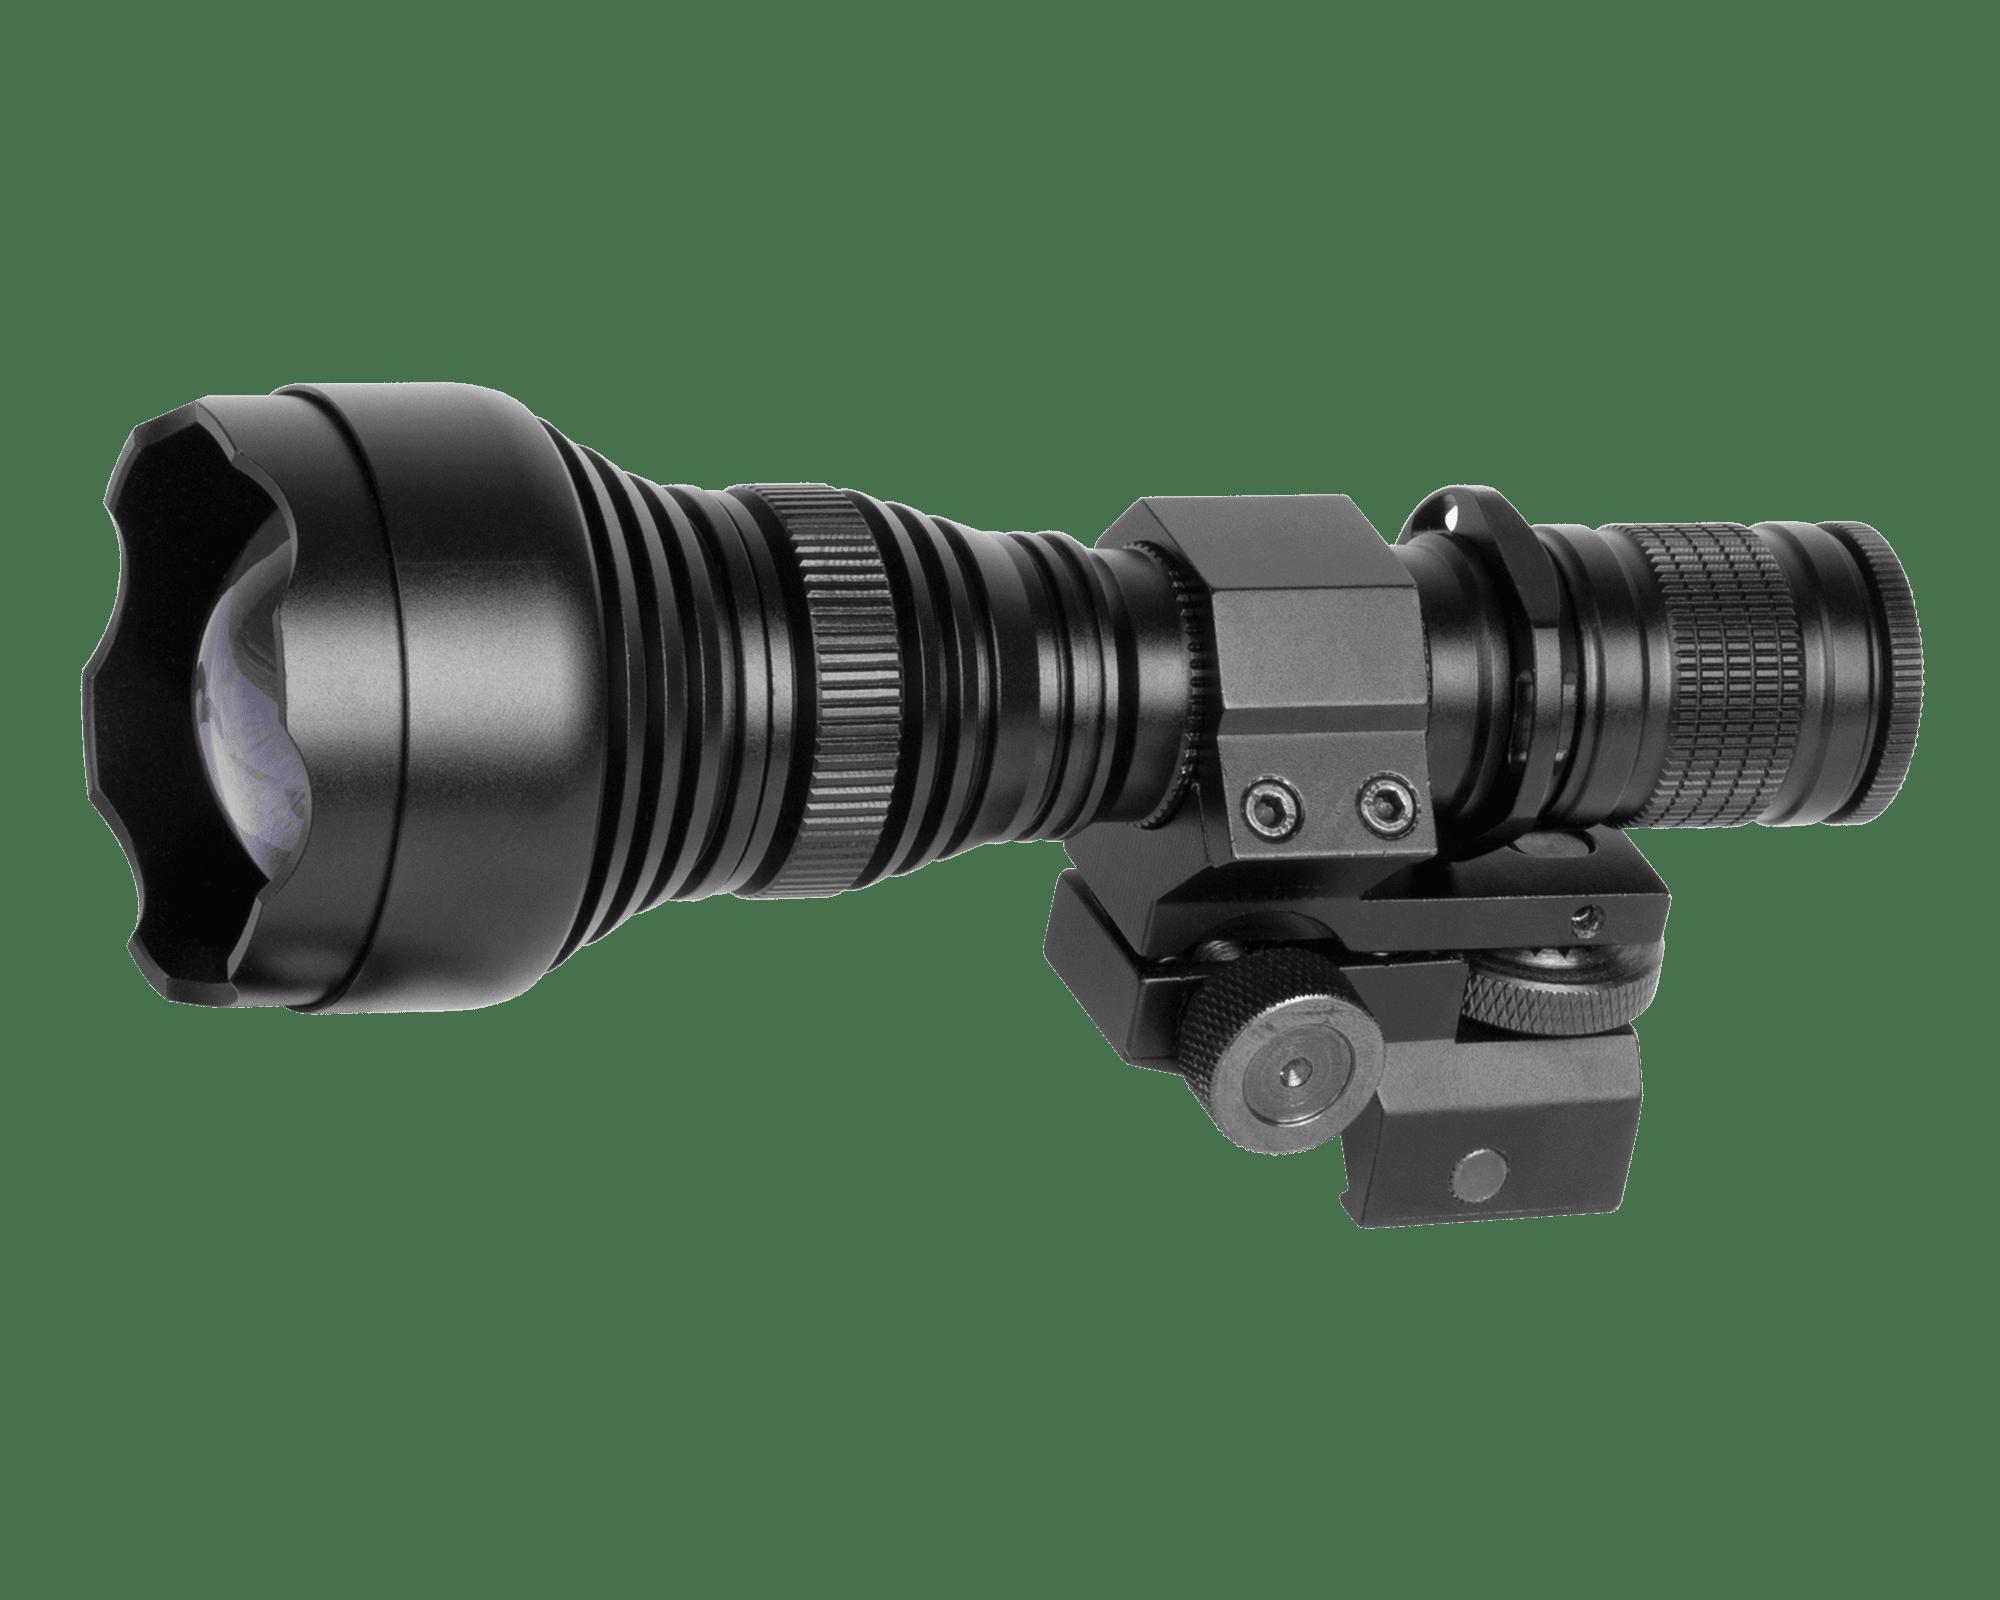 Prísvit ATN IR850 Pro 850 nm s montážou